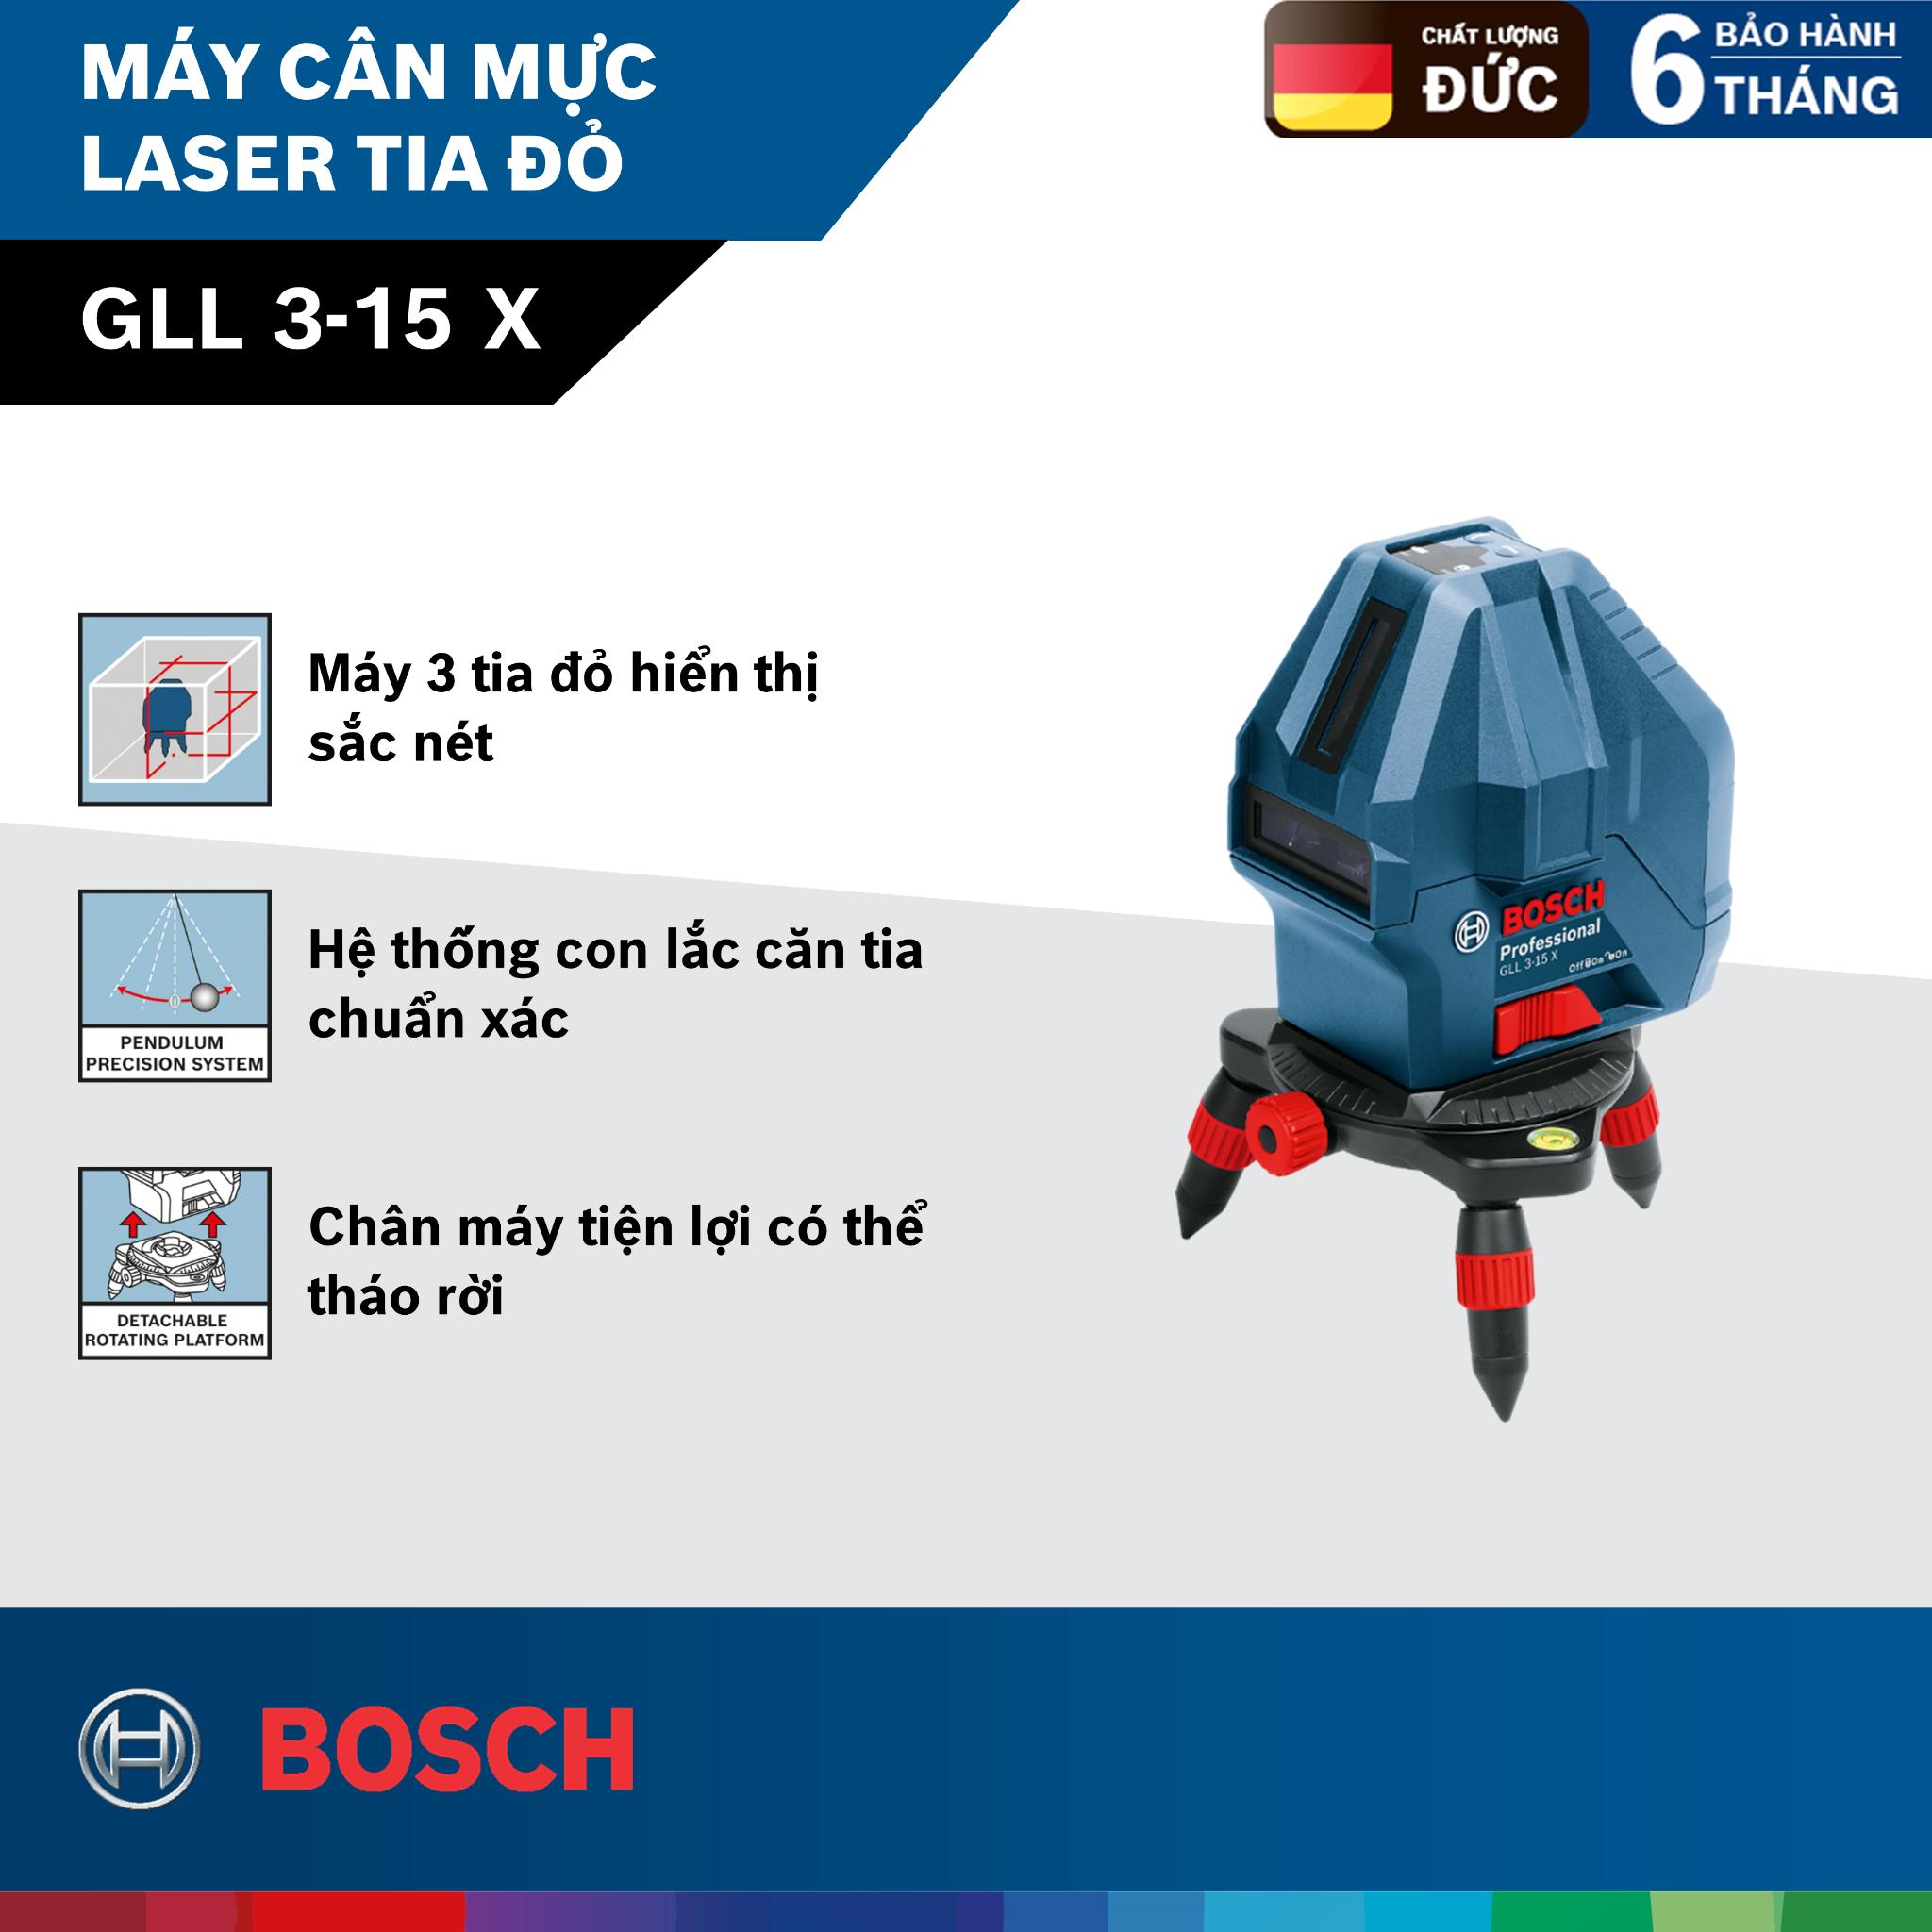 Máy cân mực laser tia đỏ Bosch GLL 3-15X